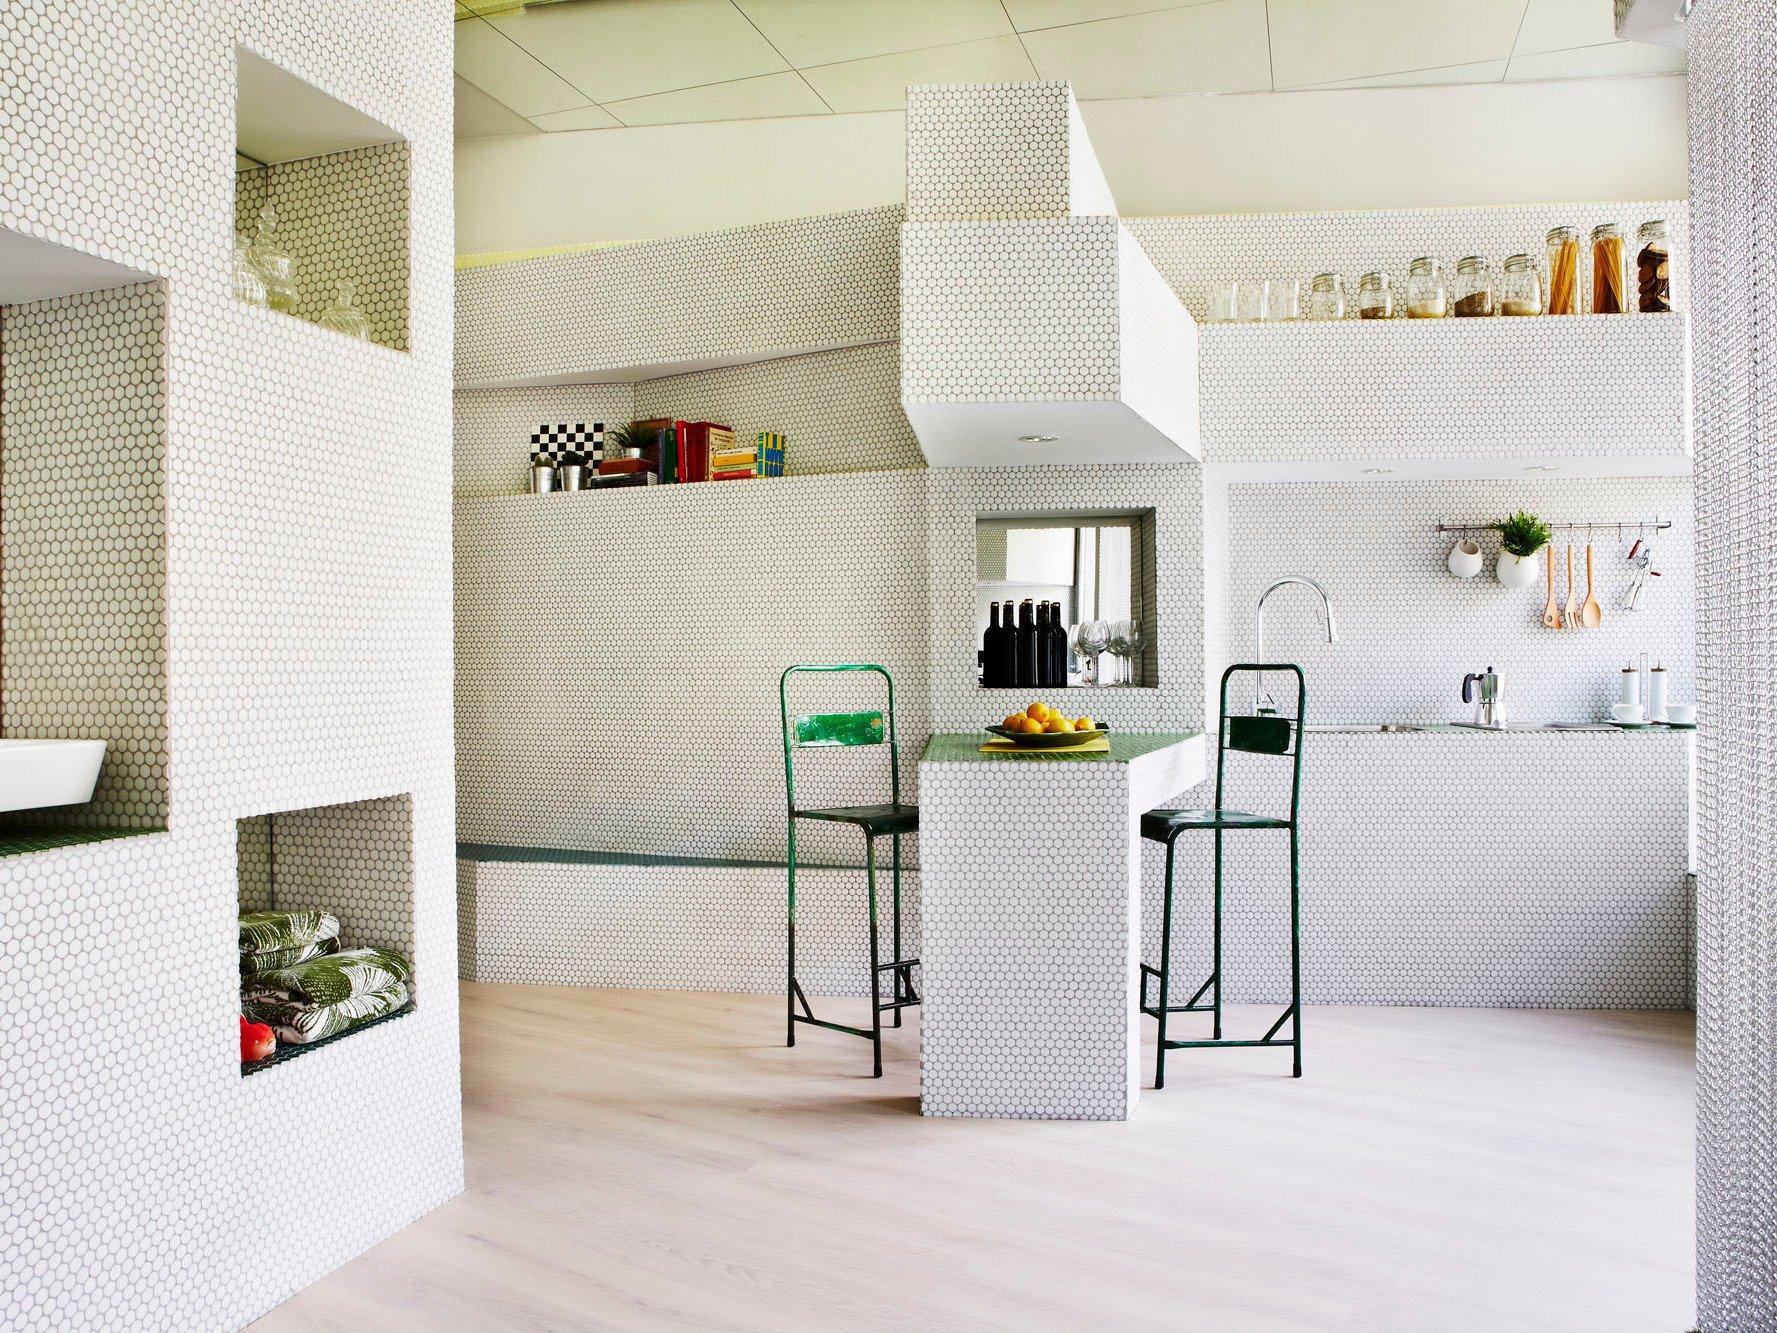 perimeter apartment in madrid fliesen und platten wohnen baunetz wissen. Black Bedroom Furniture Sets. Home Design Ideas